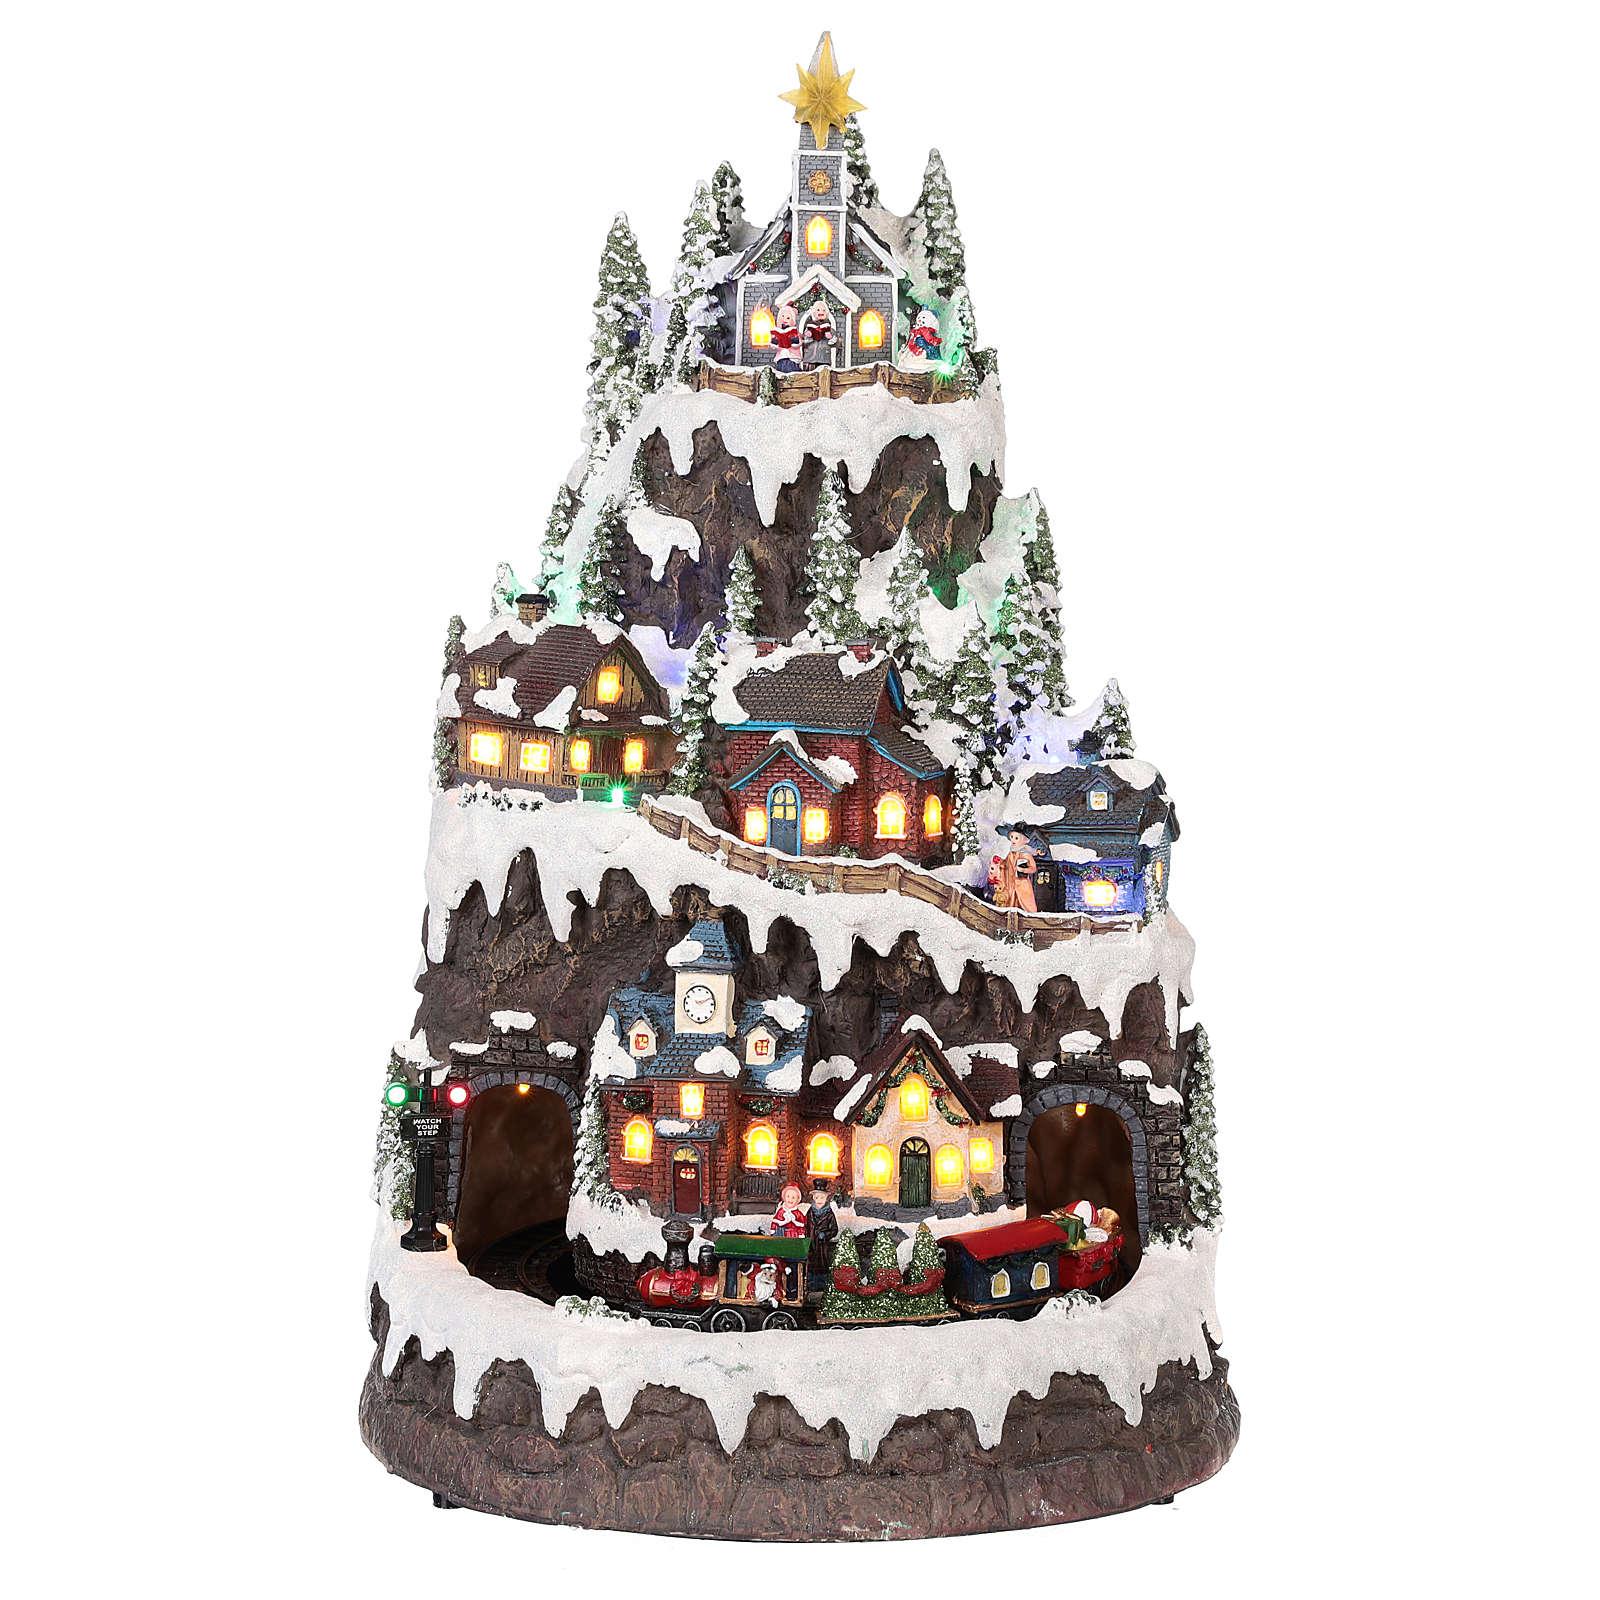 Pueblo navideño montaña nevada movimiento luz música 50x35x30 3